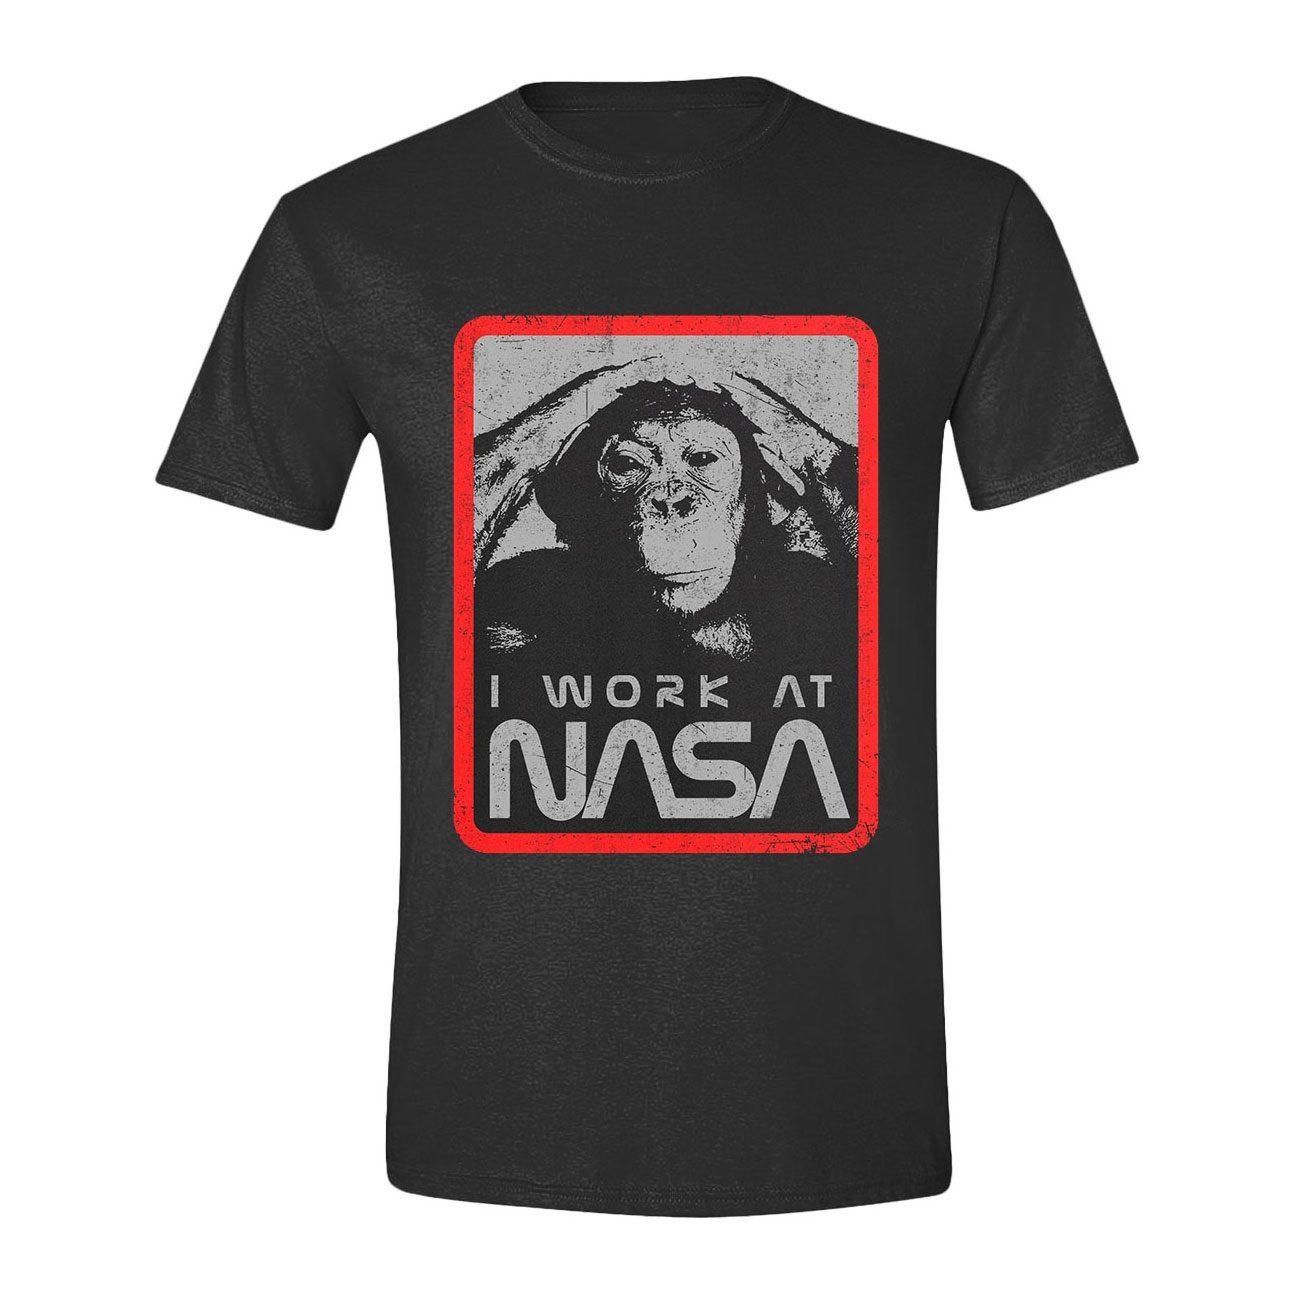 NASA T-Shirt I work at NASA Size XL